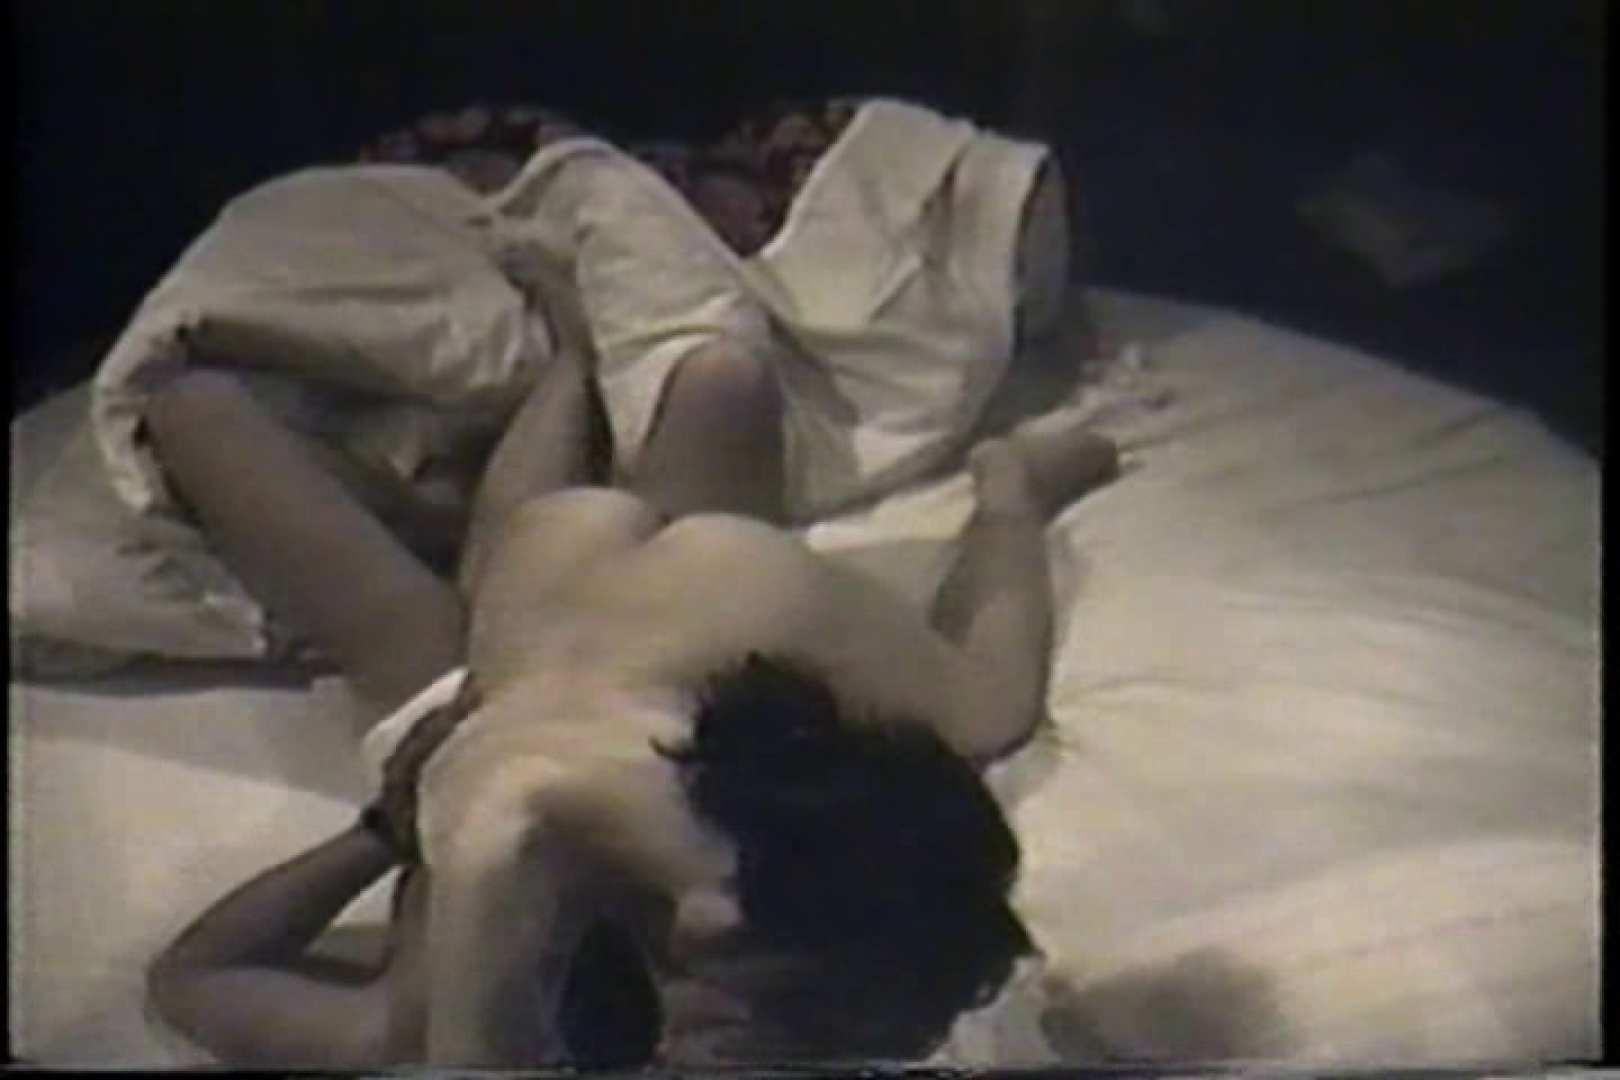 実録!ラブホテル~消し忘れ注意!昭和の色編~ vol.21 ホテルでエッチ セックス無修正動画無料 107PIX 32